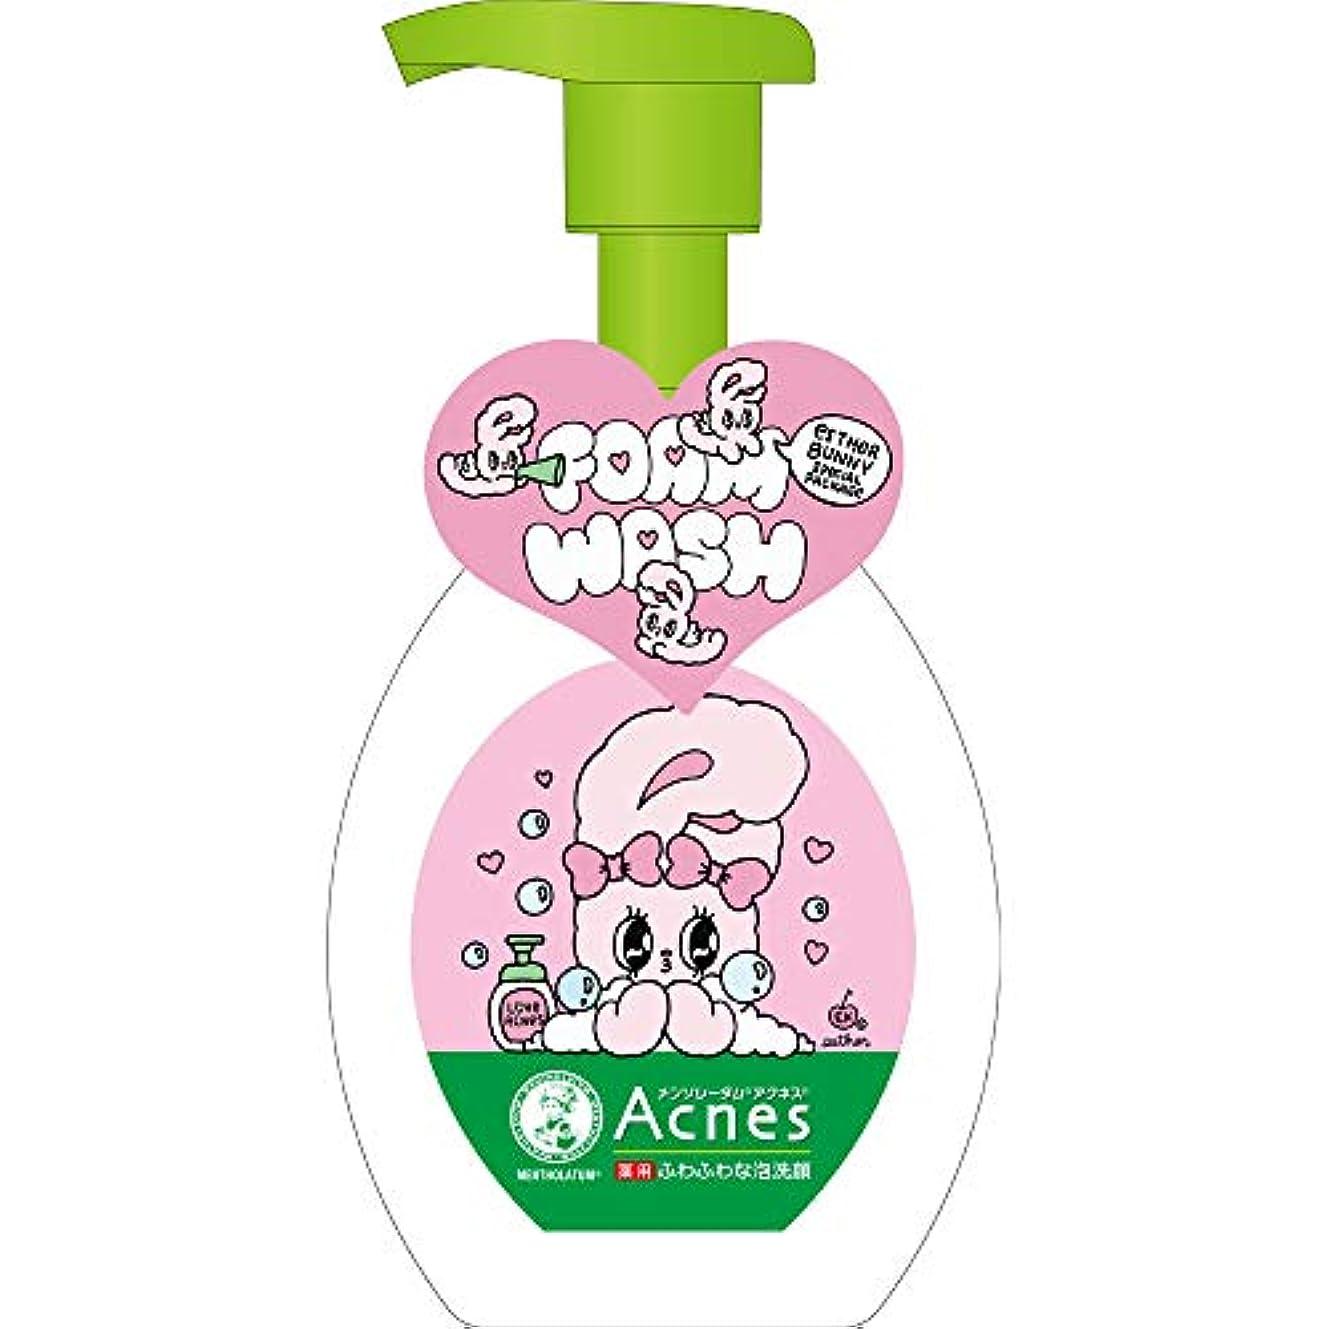 終わった報奨金医学メンソレータム アクネス 薬用ふわふわな泡洗顔 エスターバニー企画品